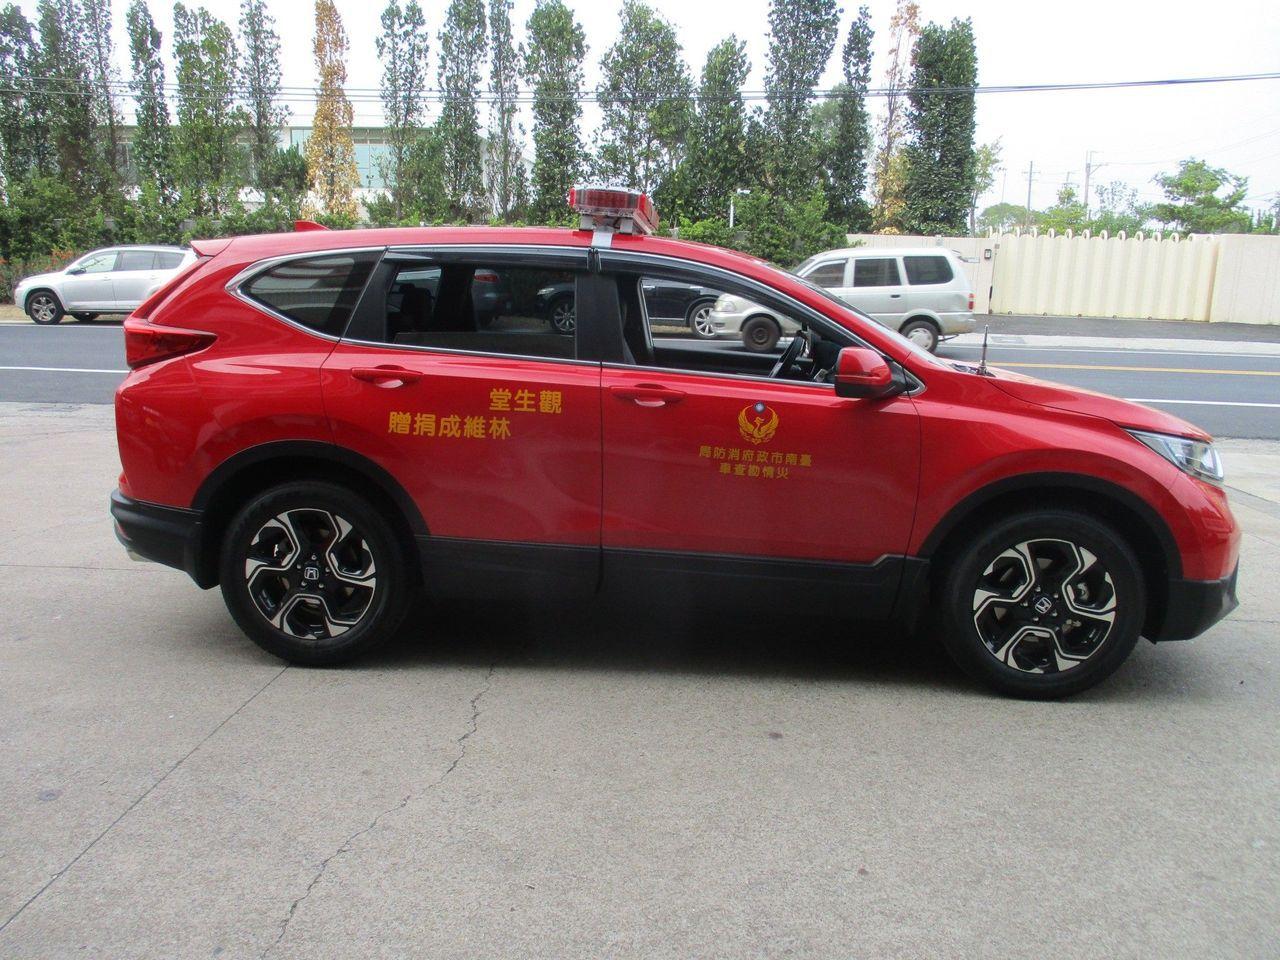 價值百萬元的災情勘查車,給新化山區救災添利器。圖/新化消防分隊提供